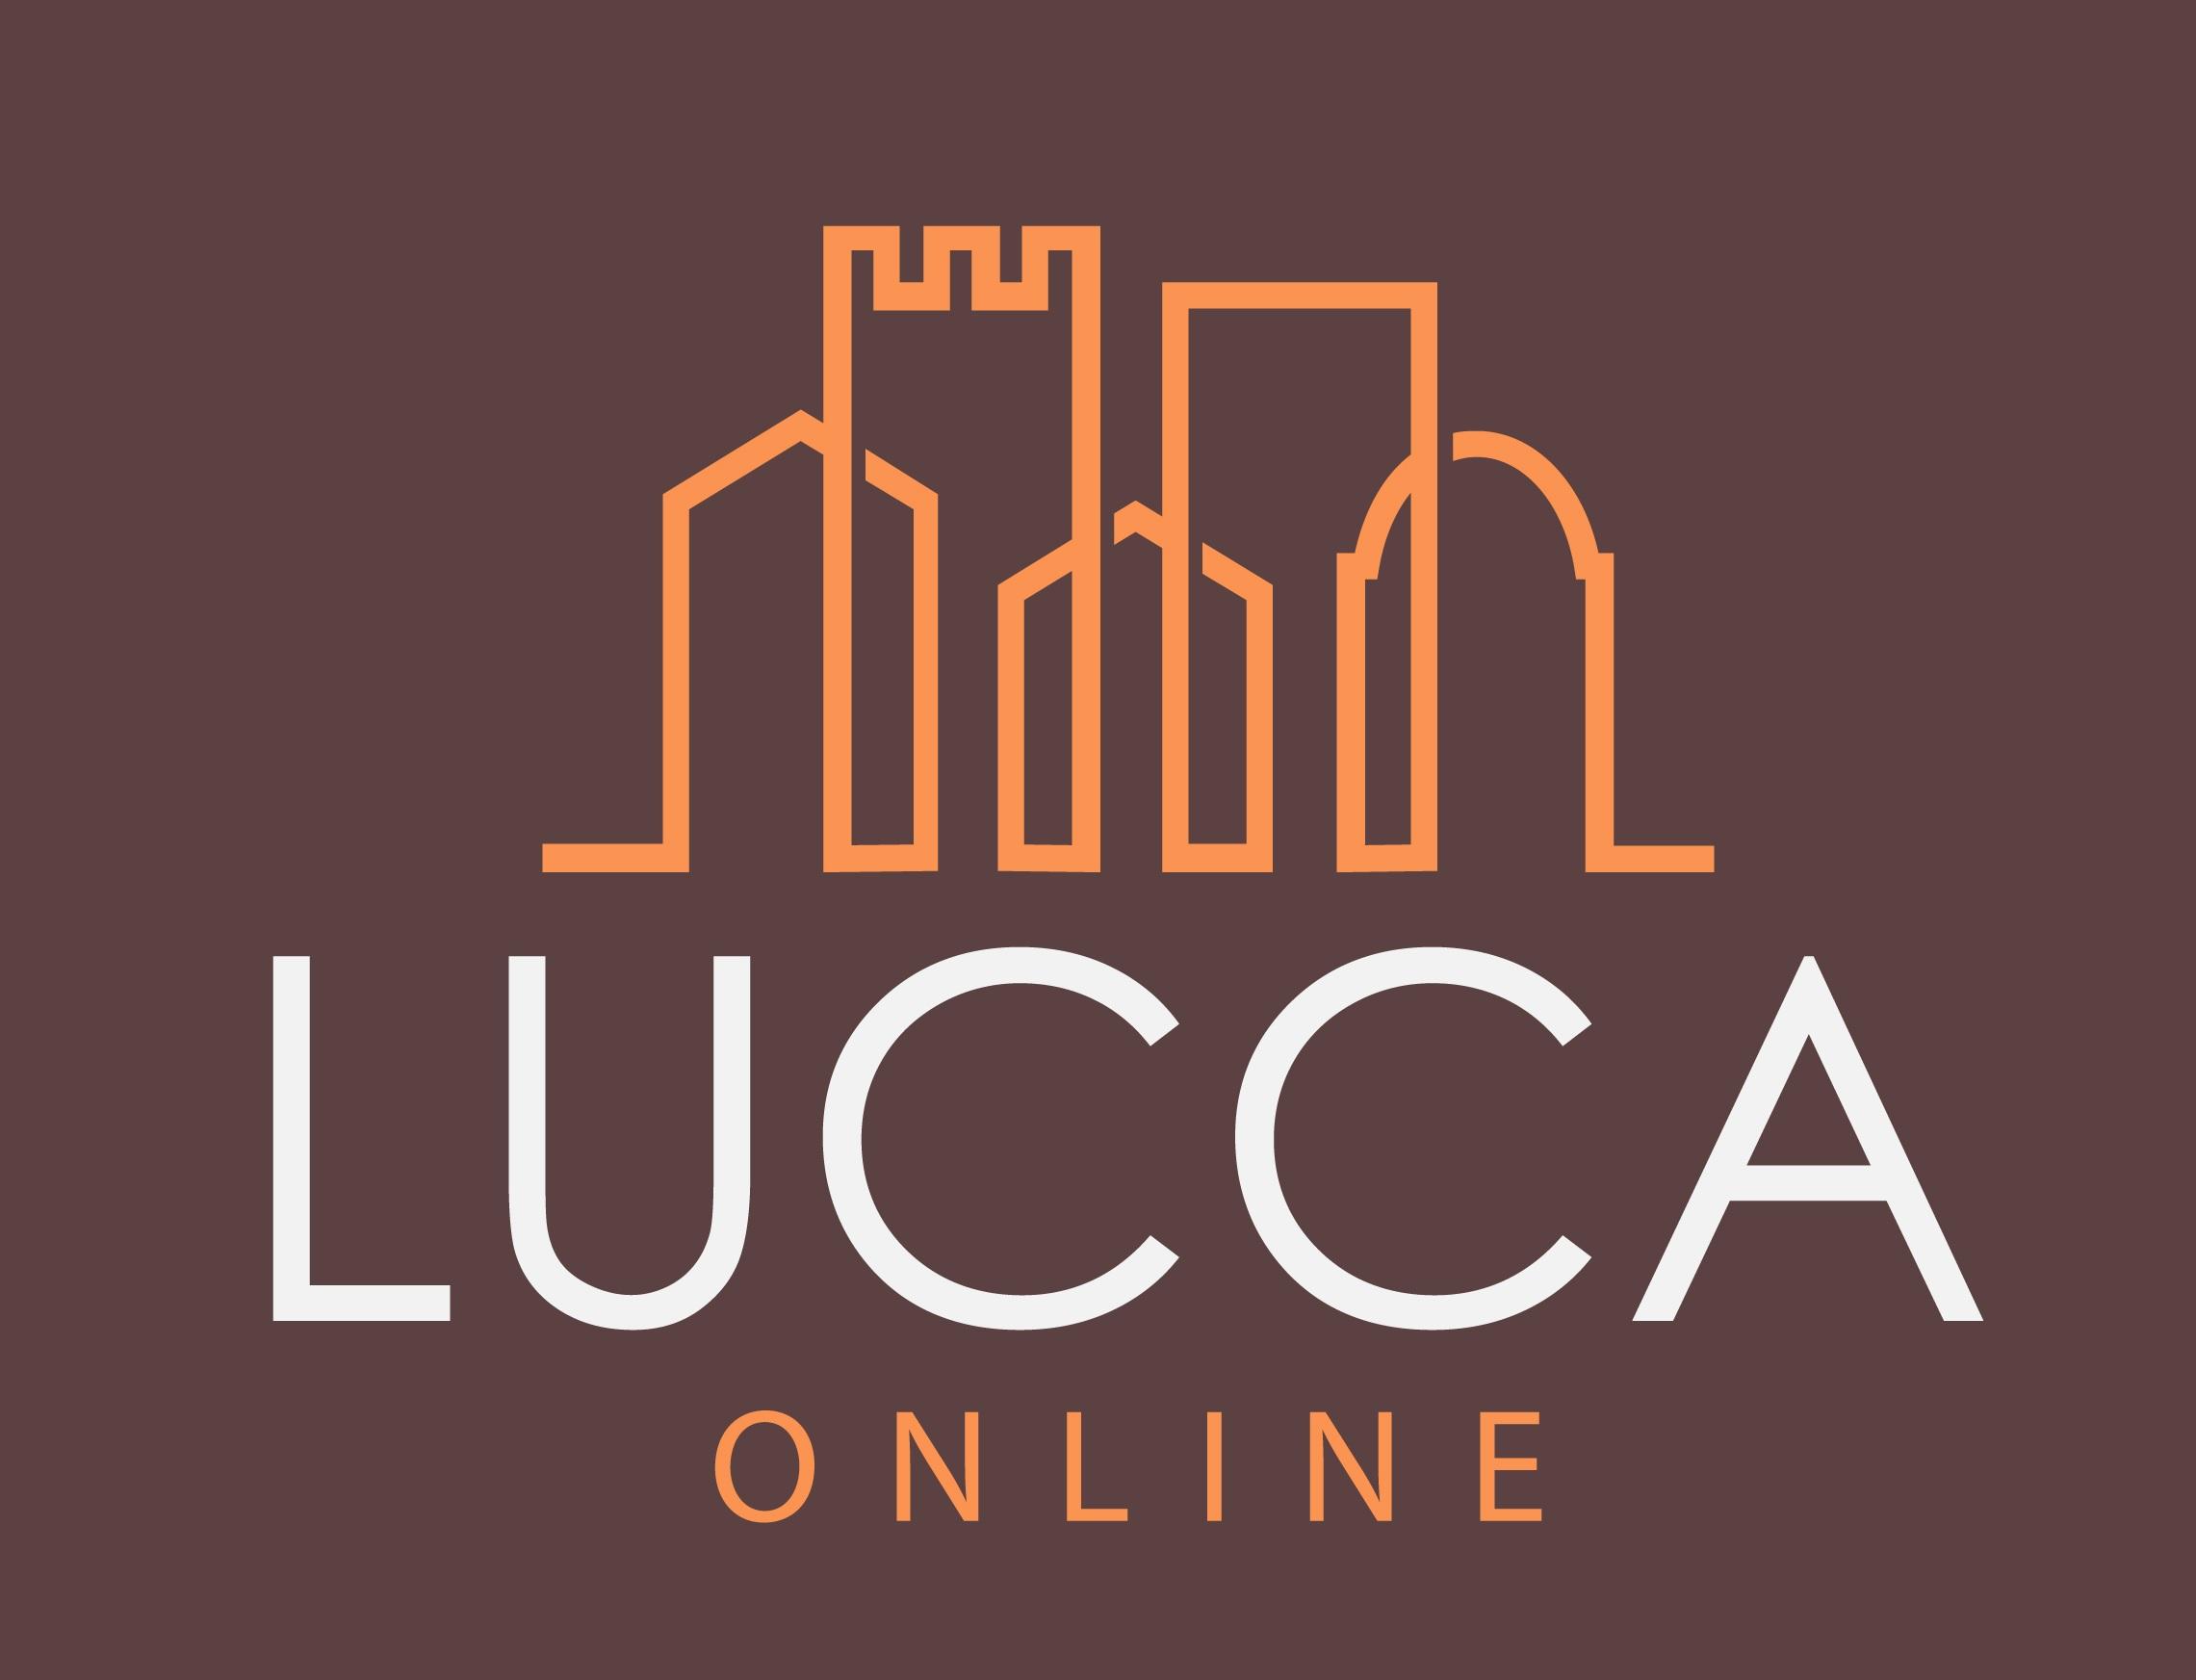 Lucca Online